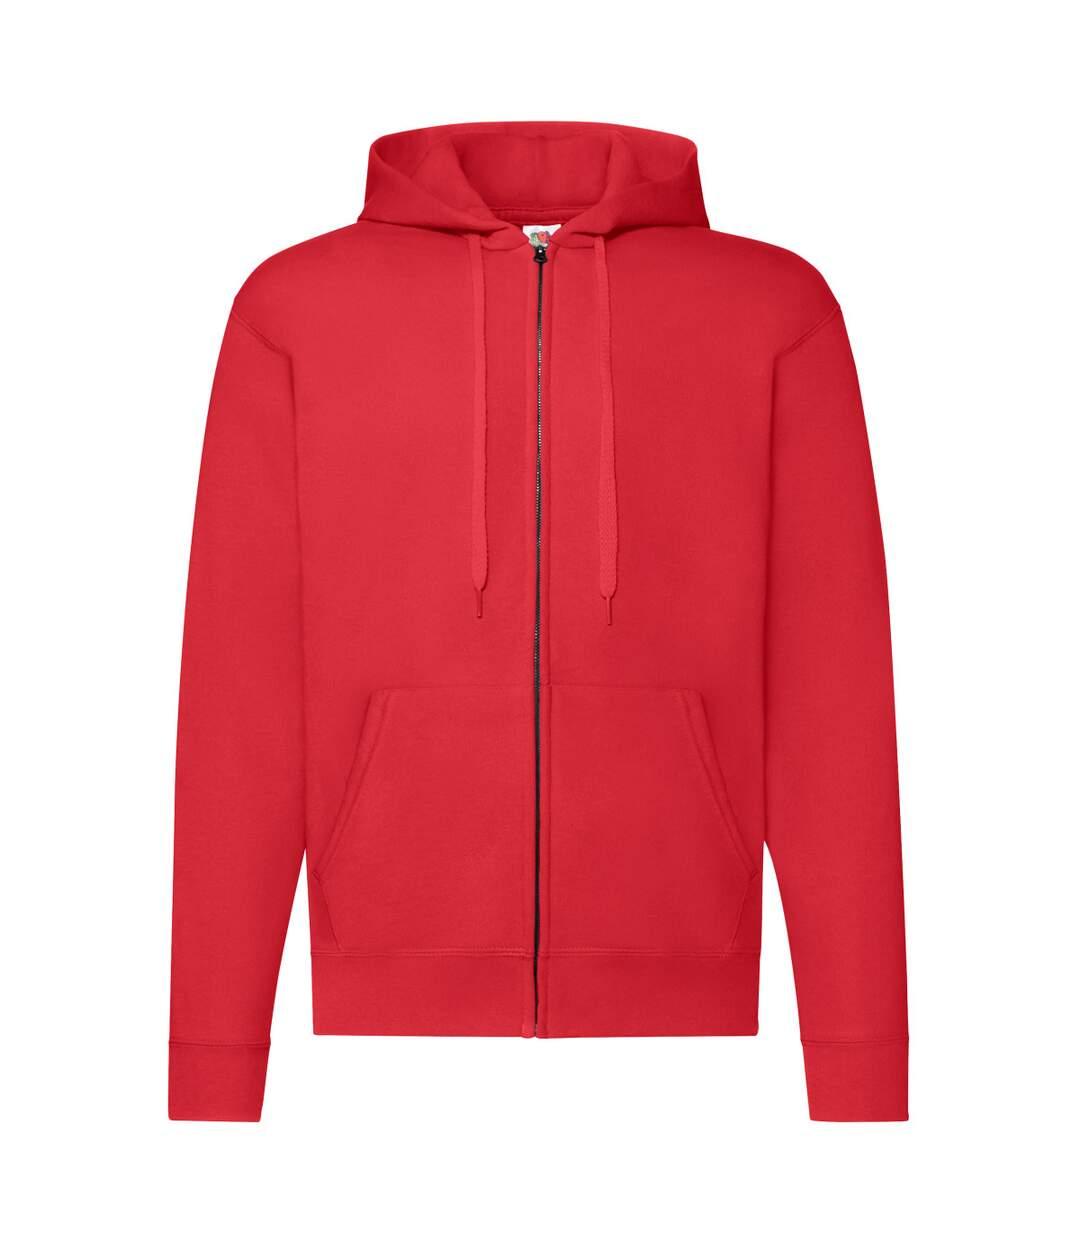 Fruit Of The Loom Mens Hooded Sweatshirt (Red) - UTBC1369